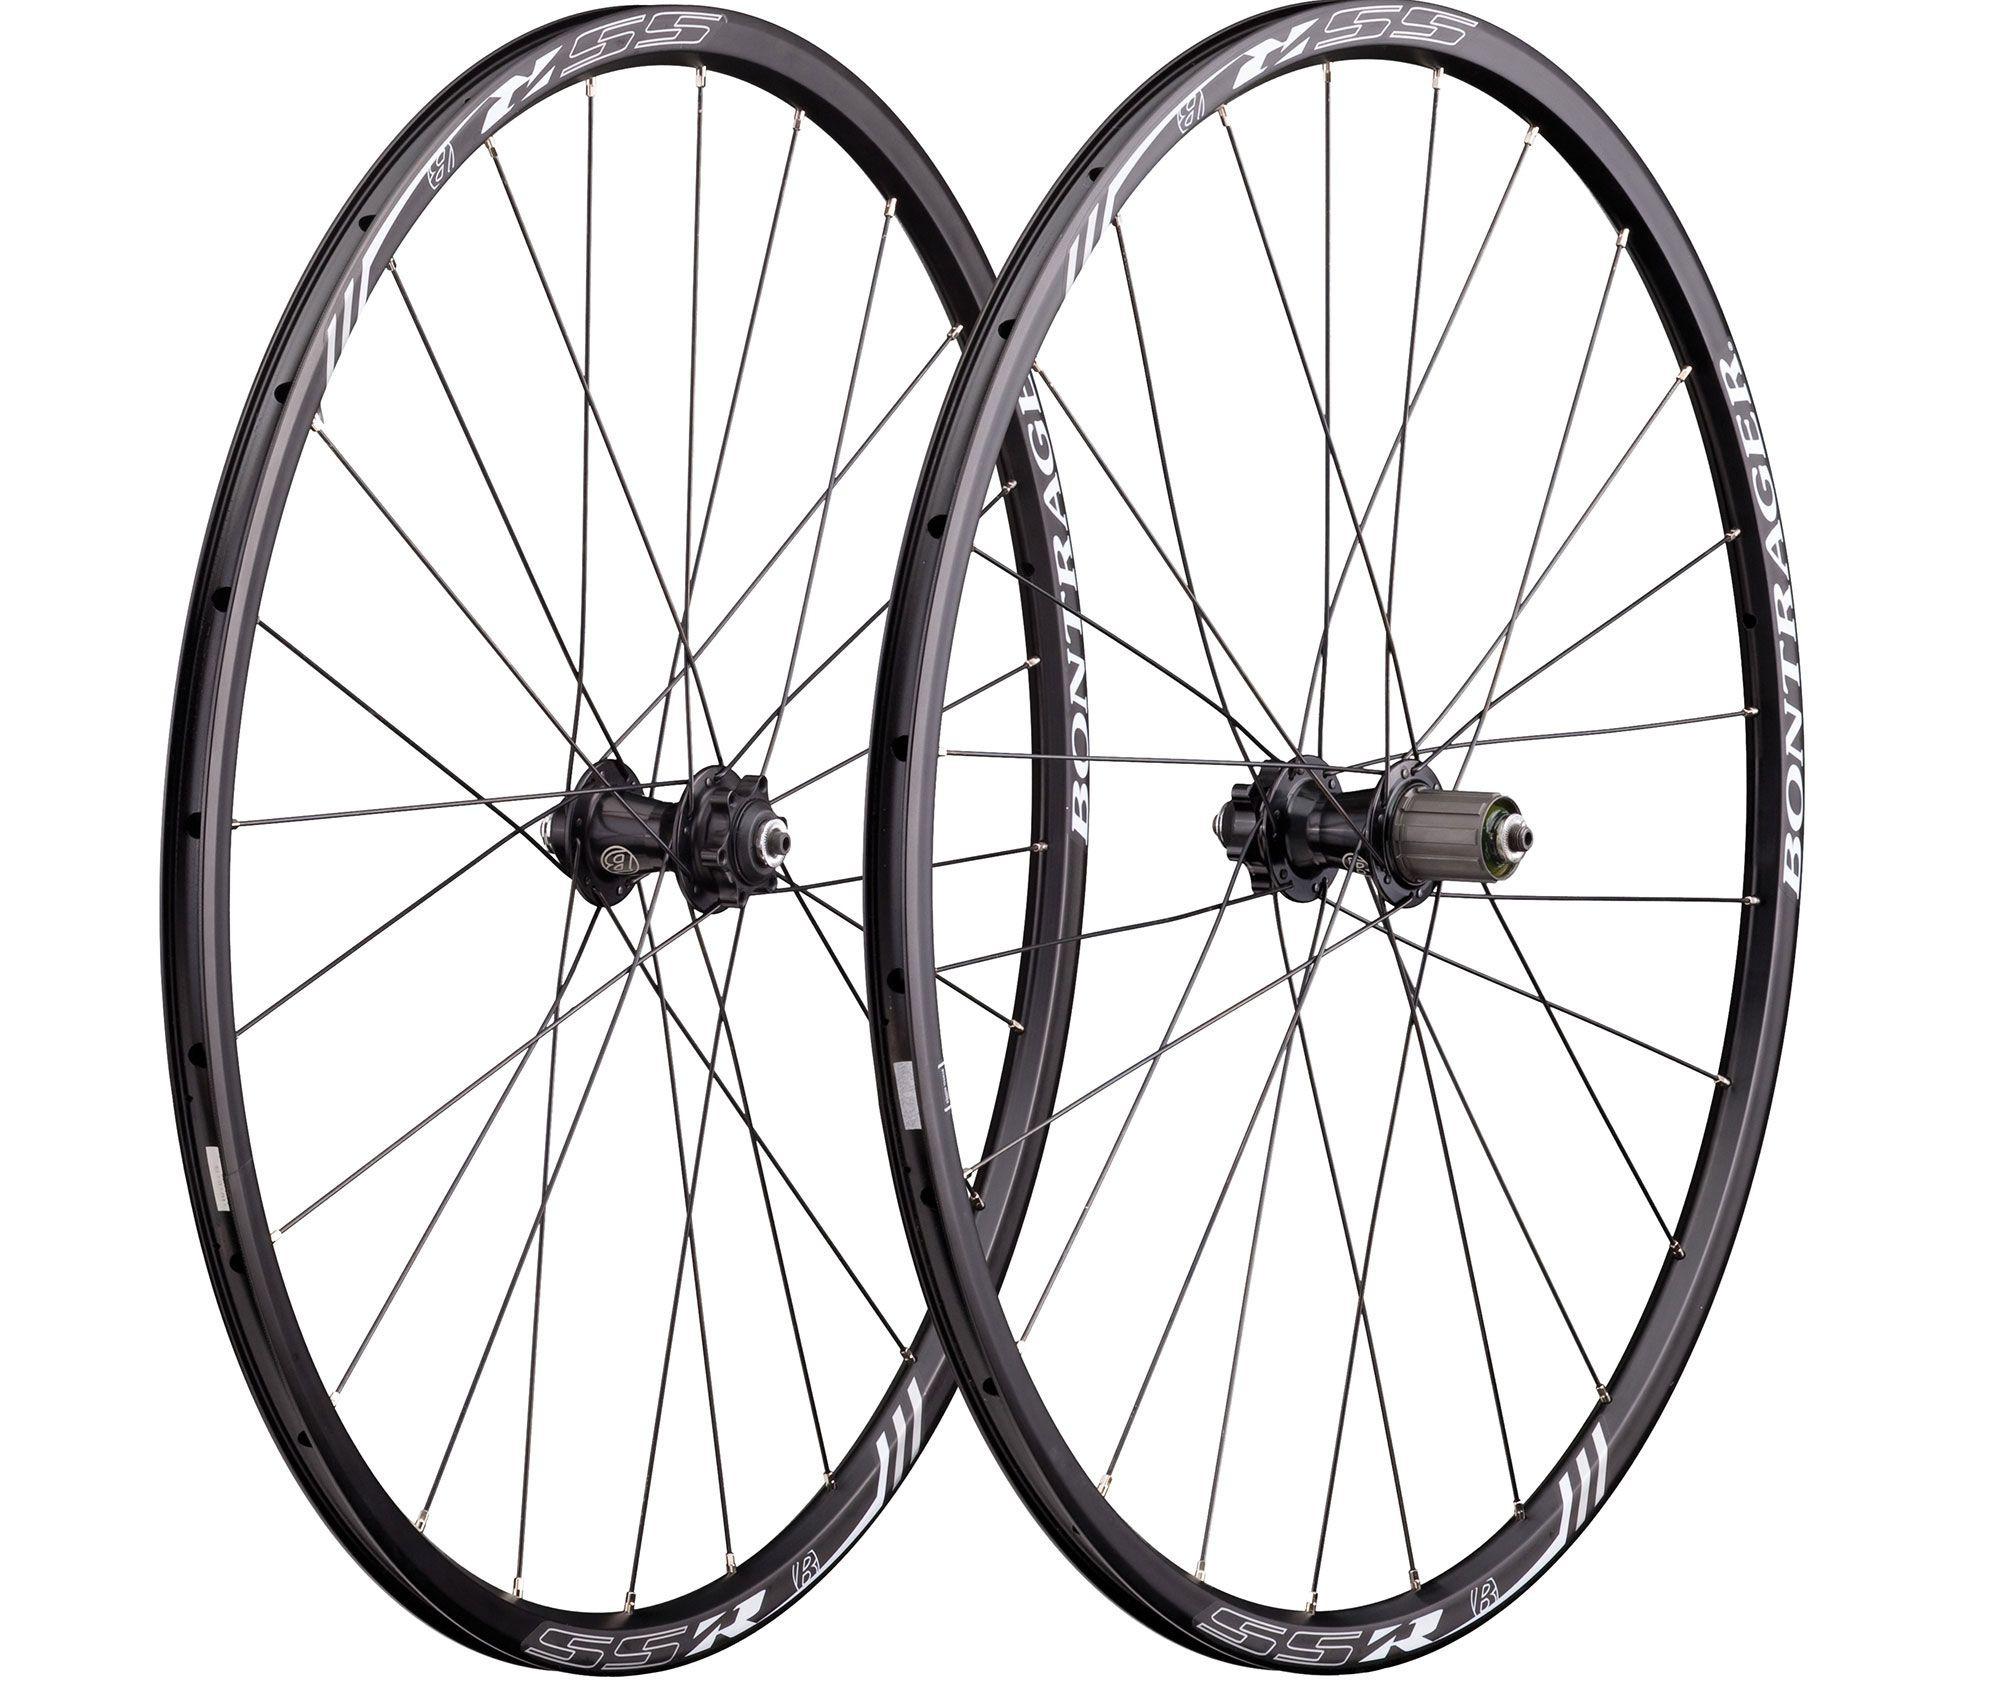 Bontrager Ssr Disc Road Front Wheel